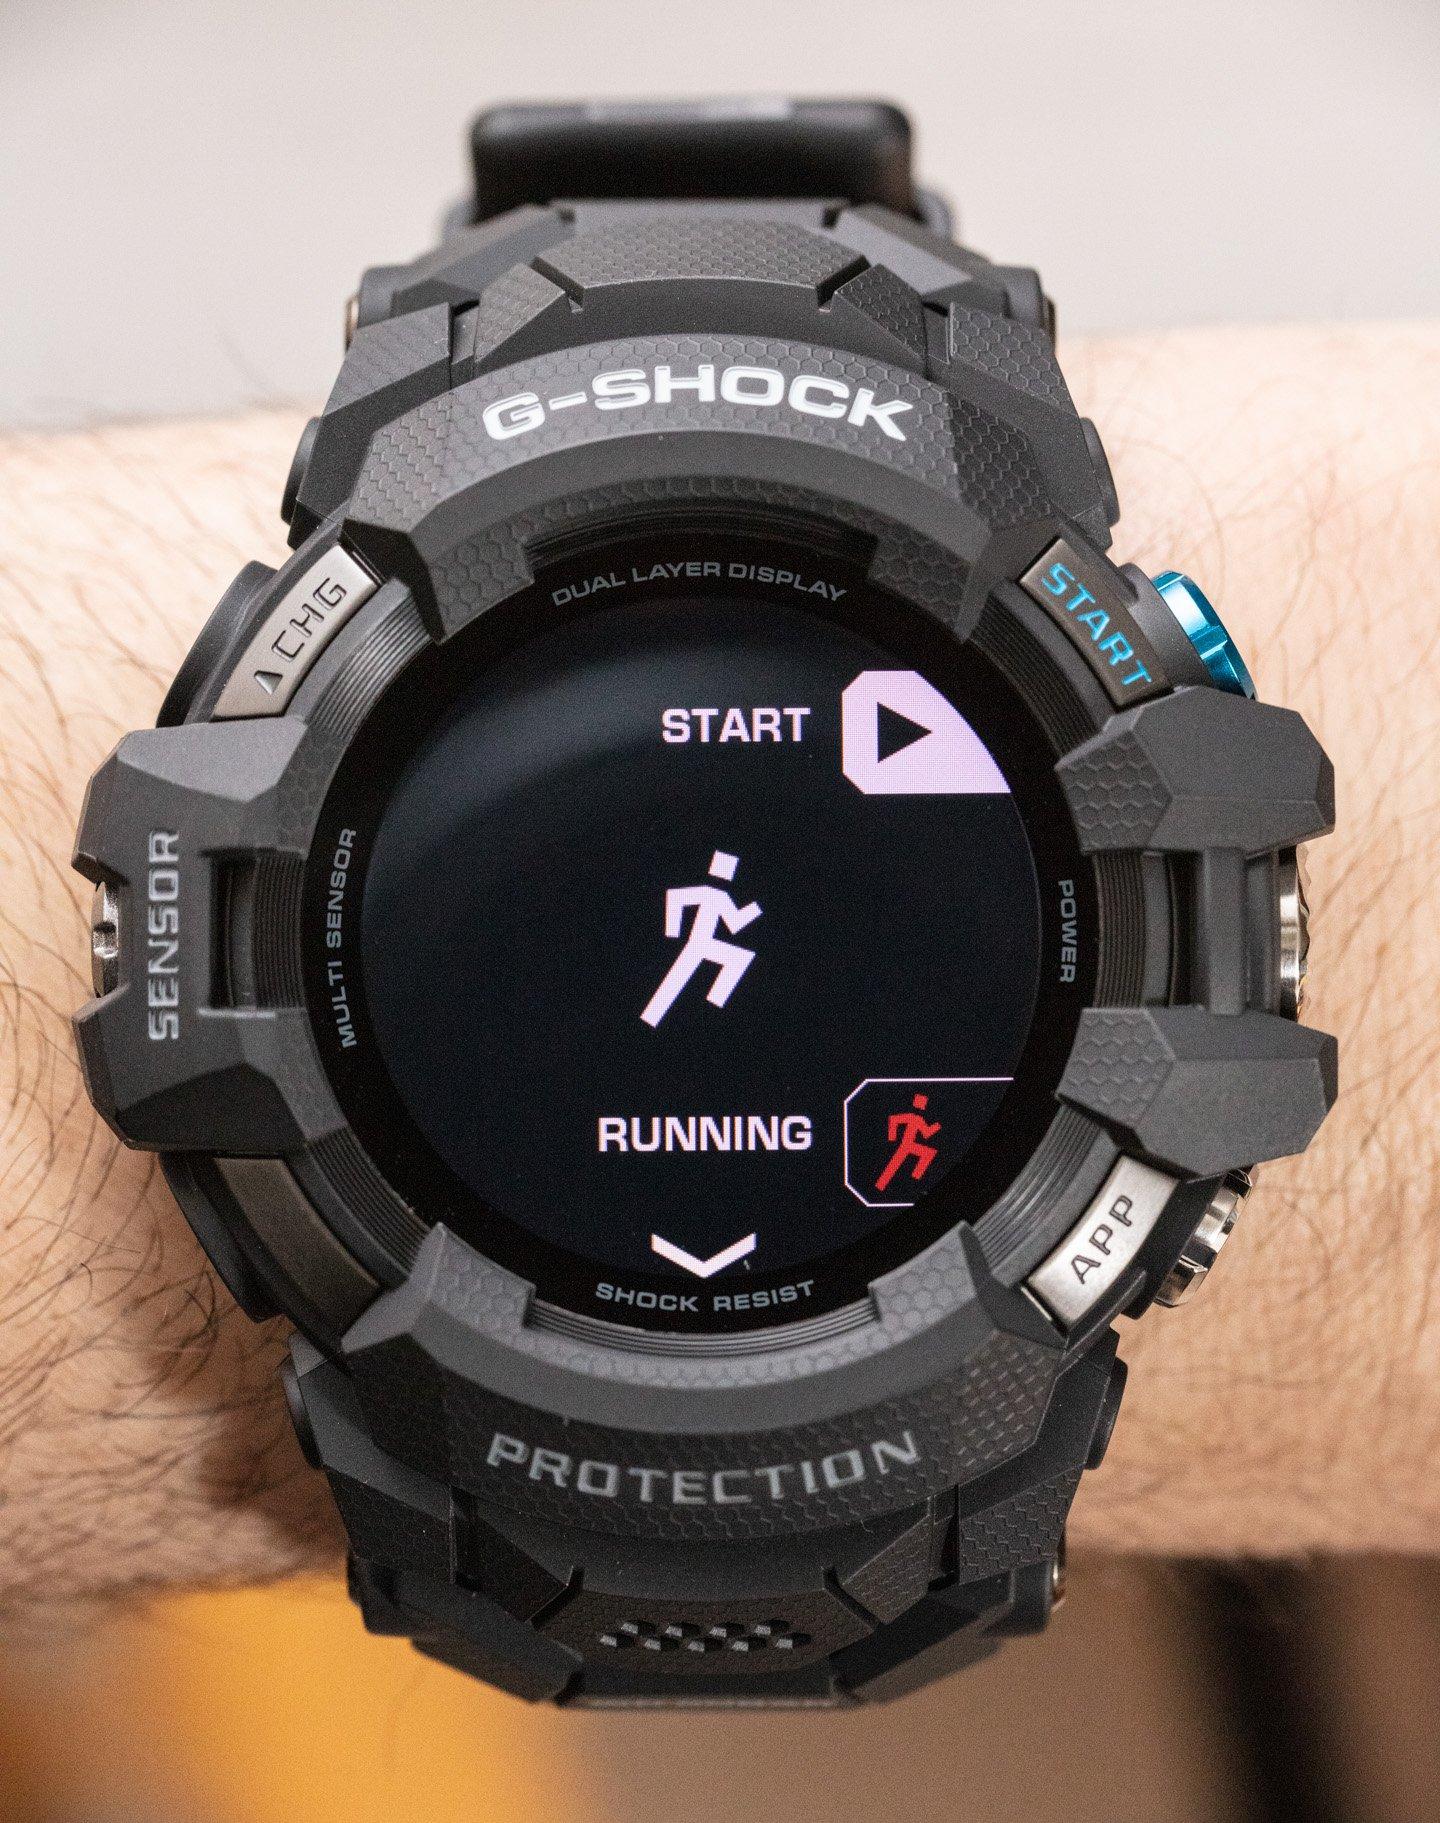 Обзор часов: умные часы Casio G-Shock GSWH1000 Wear OS